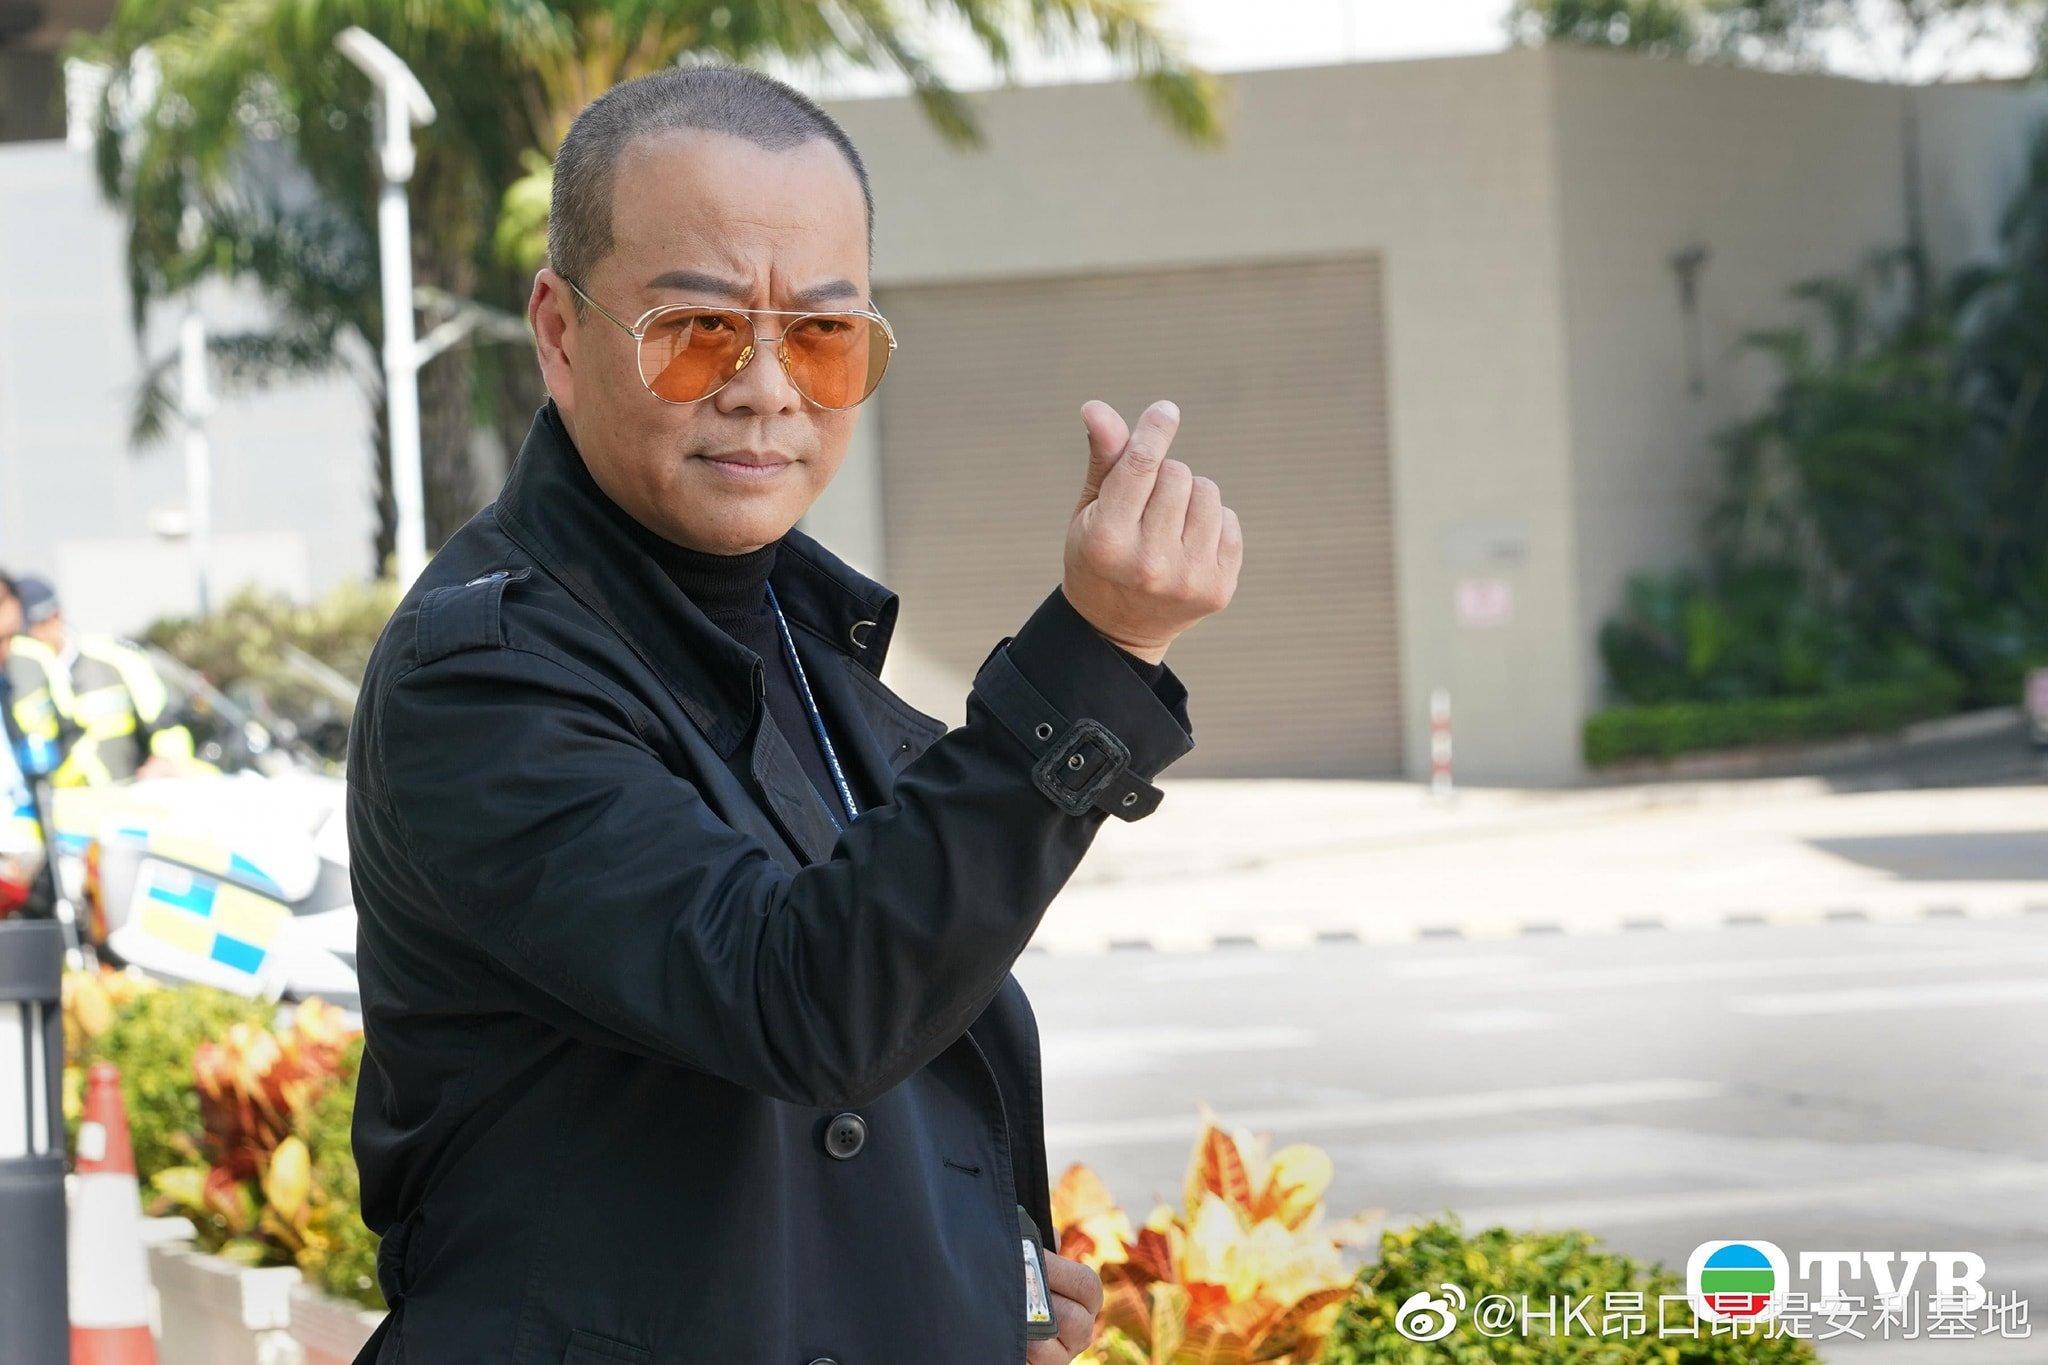 Phim giải nghệ TVB của Âu Dương Chấn Hoa rớt đài vì lừa dối khán giả, PR quá lố sao nữ Hoàn Châu Cách Cách? - Ảnh 9.